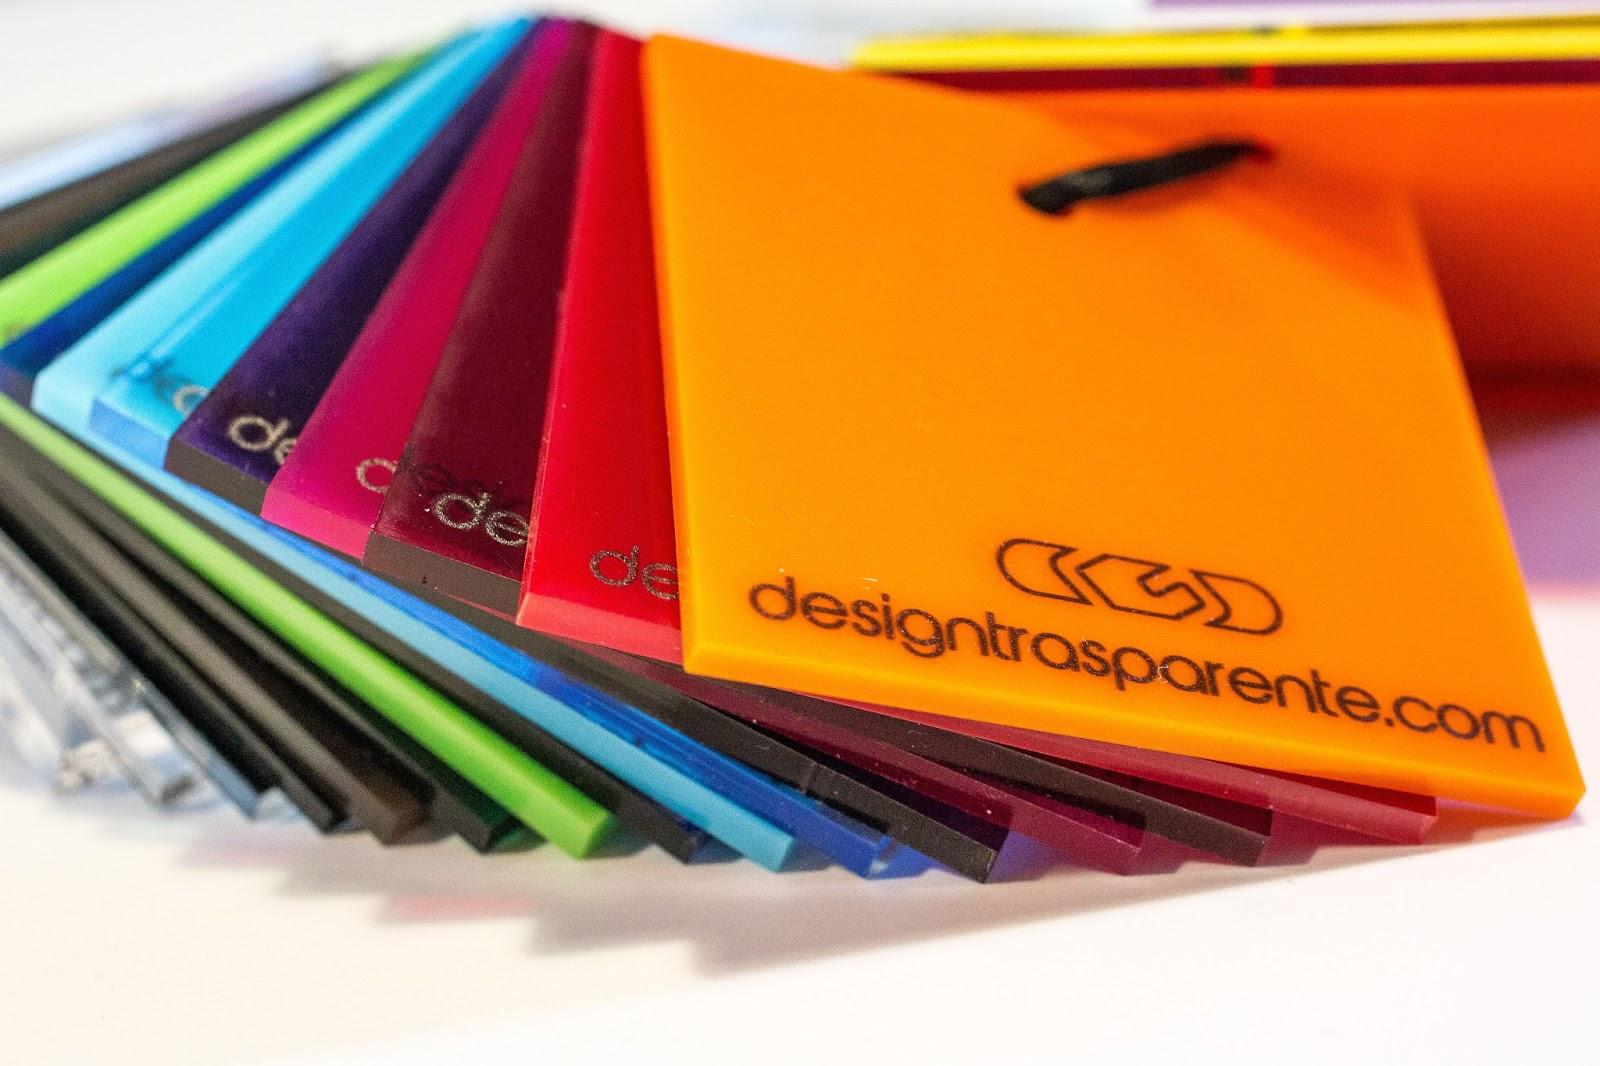 Shop online designtrasparente.com